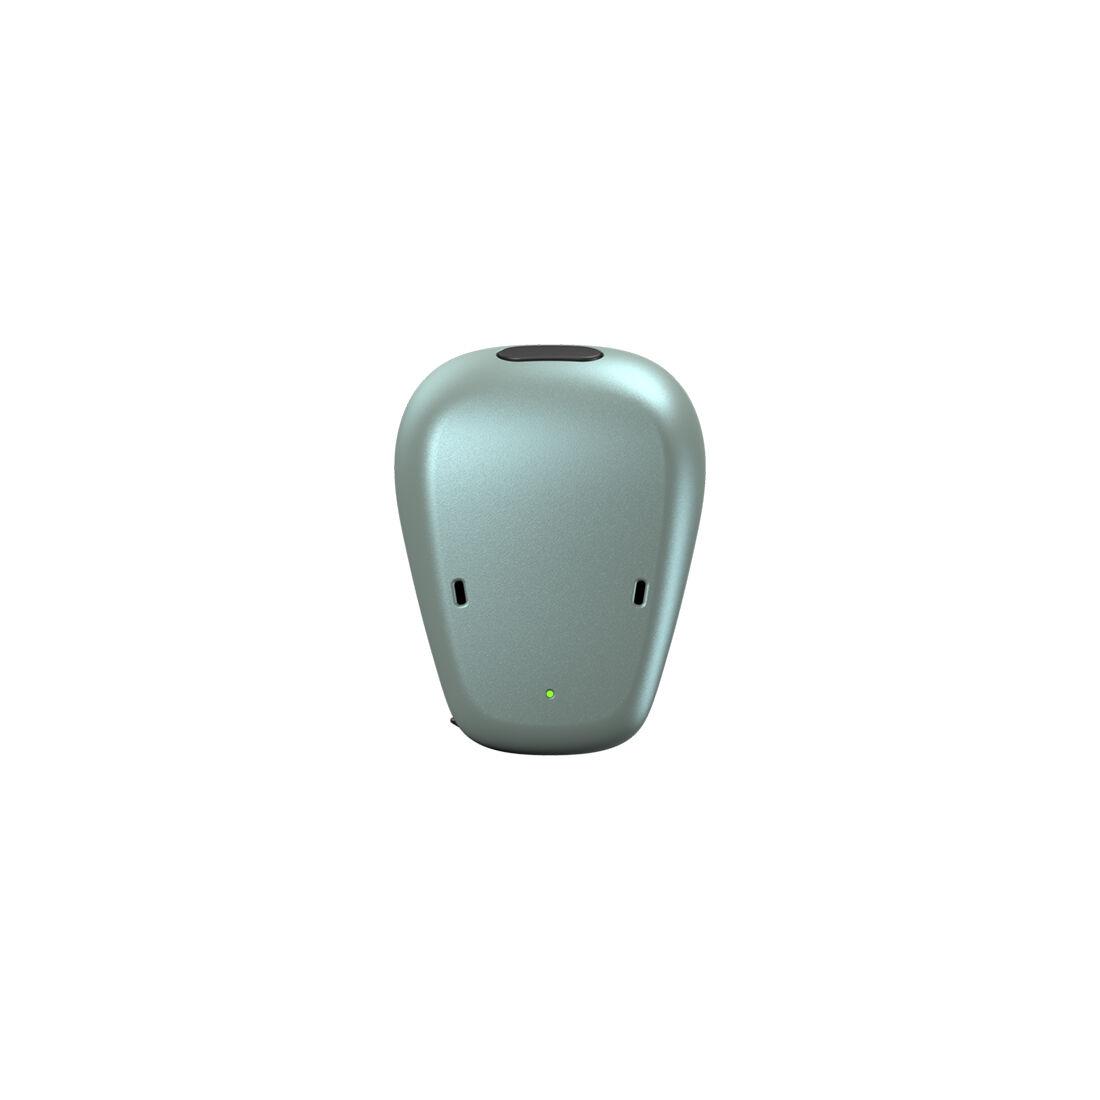 Baha 6 Max sound processor mint color